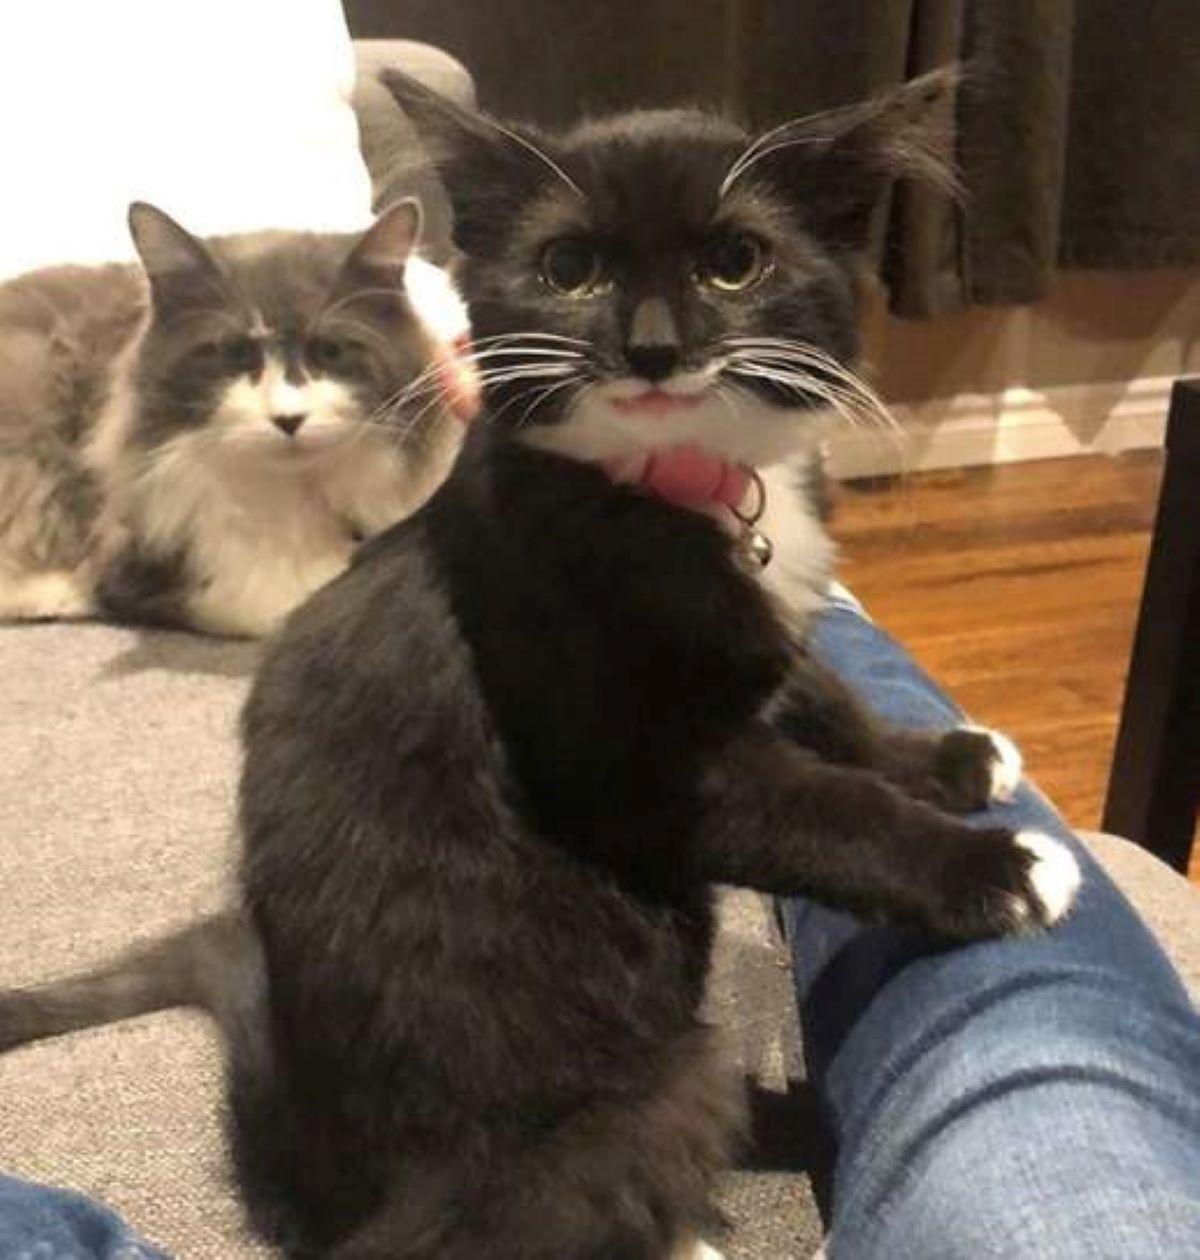 gattino-con-collare-rosa-e-gatto-peloso